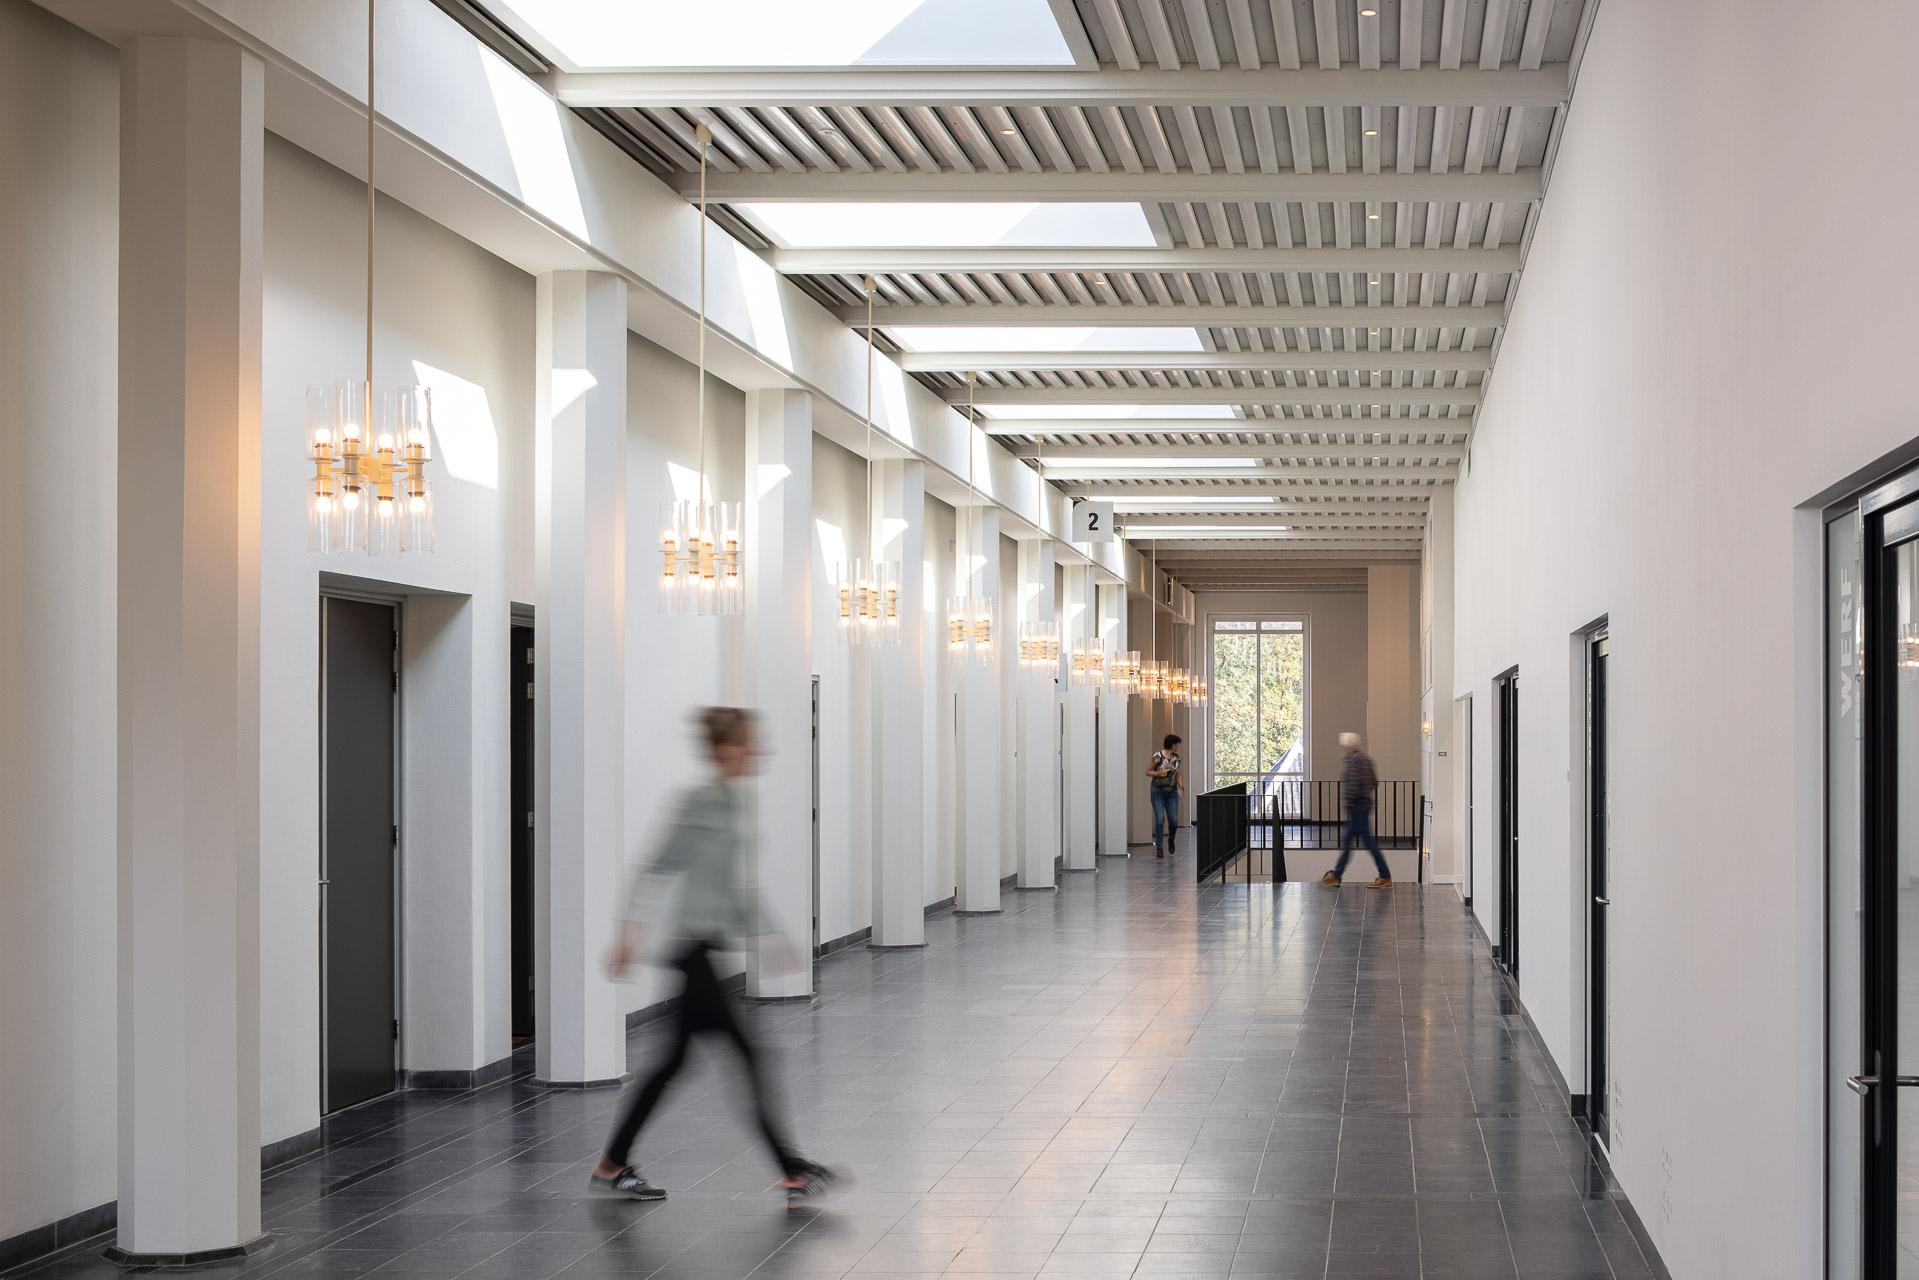 SP2020-Gemeentehuis-Alblasserdam-DP6-Architectuurfoto-interieurfoto-2